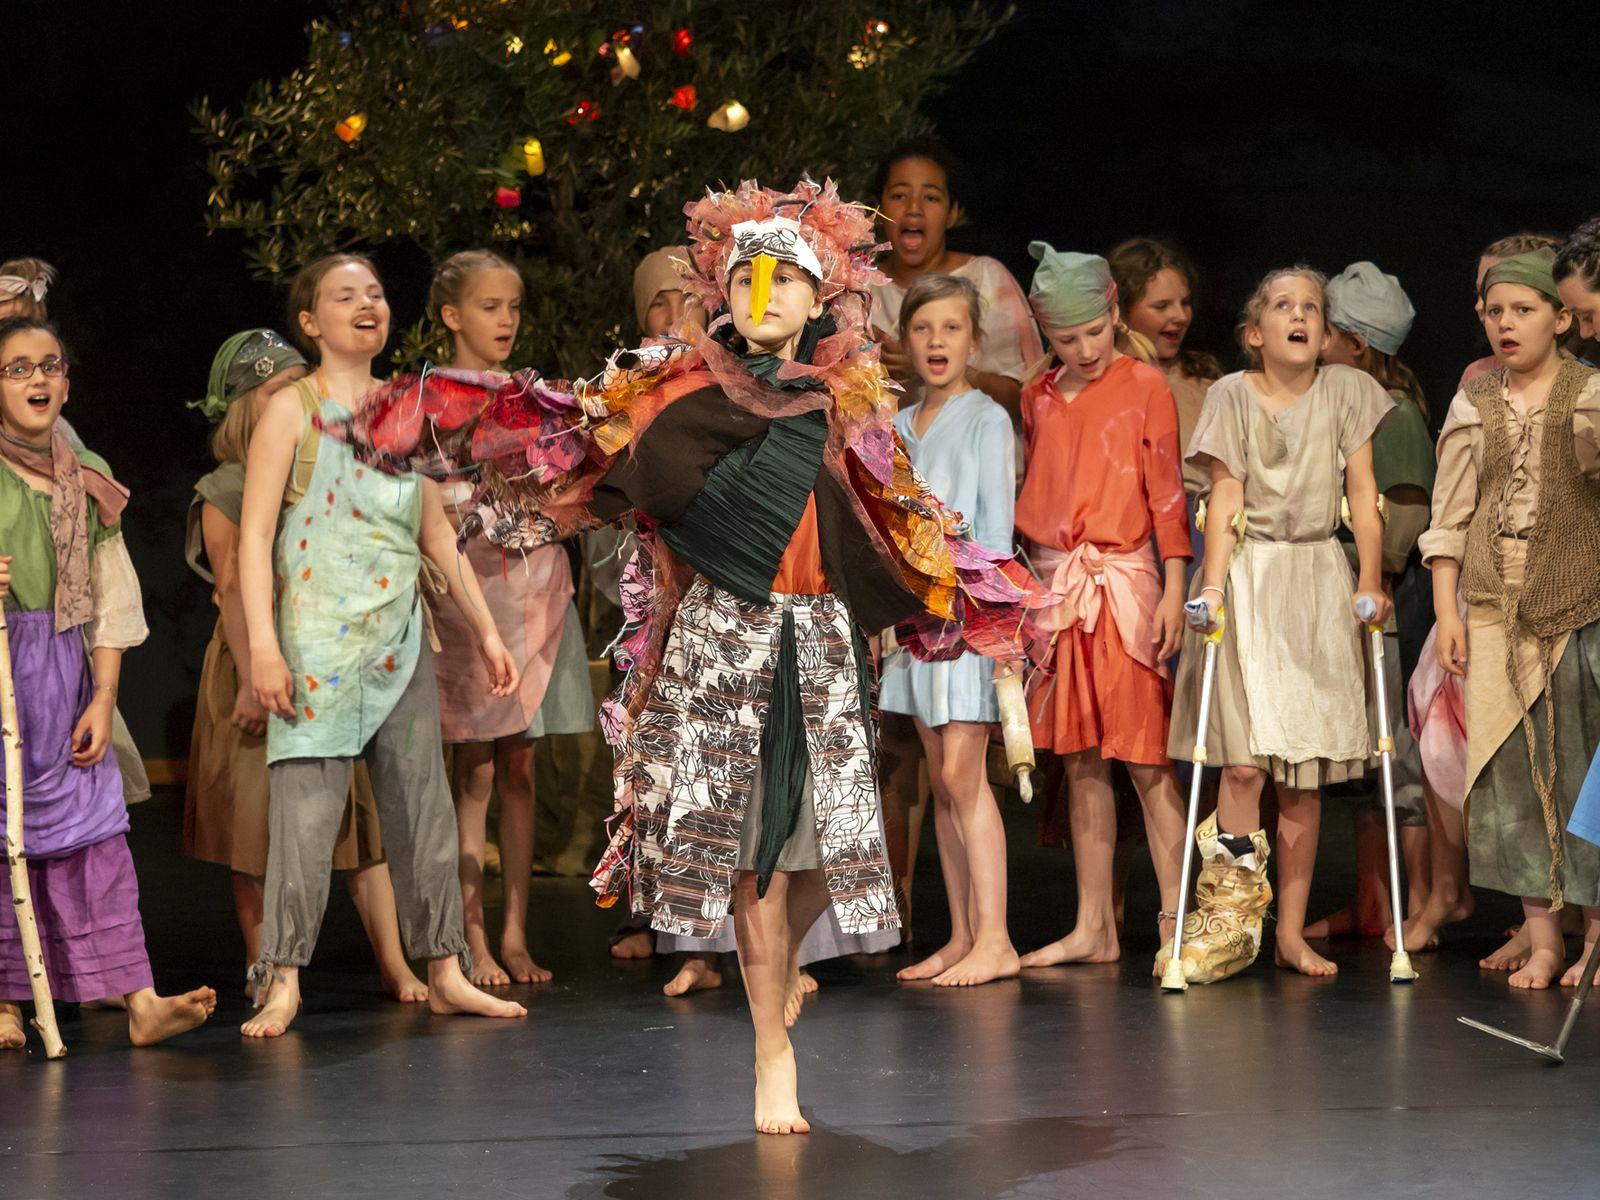 Kinderopernaus Lichtenberg - Der betörende Gesang des Zaubervogels